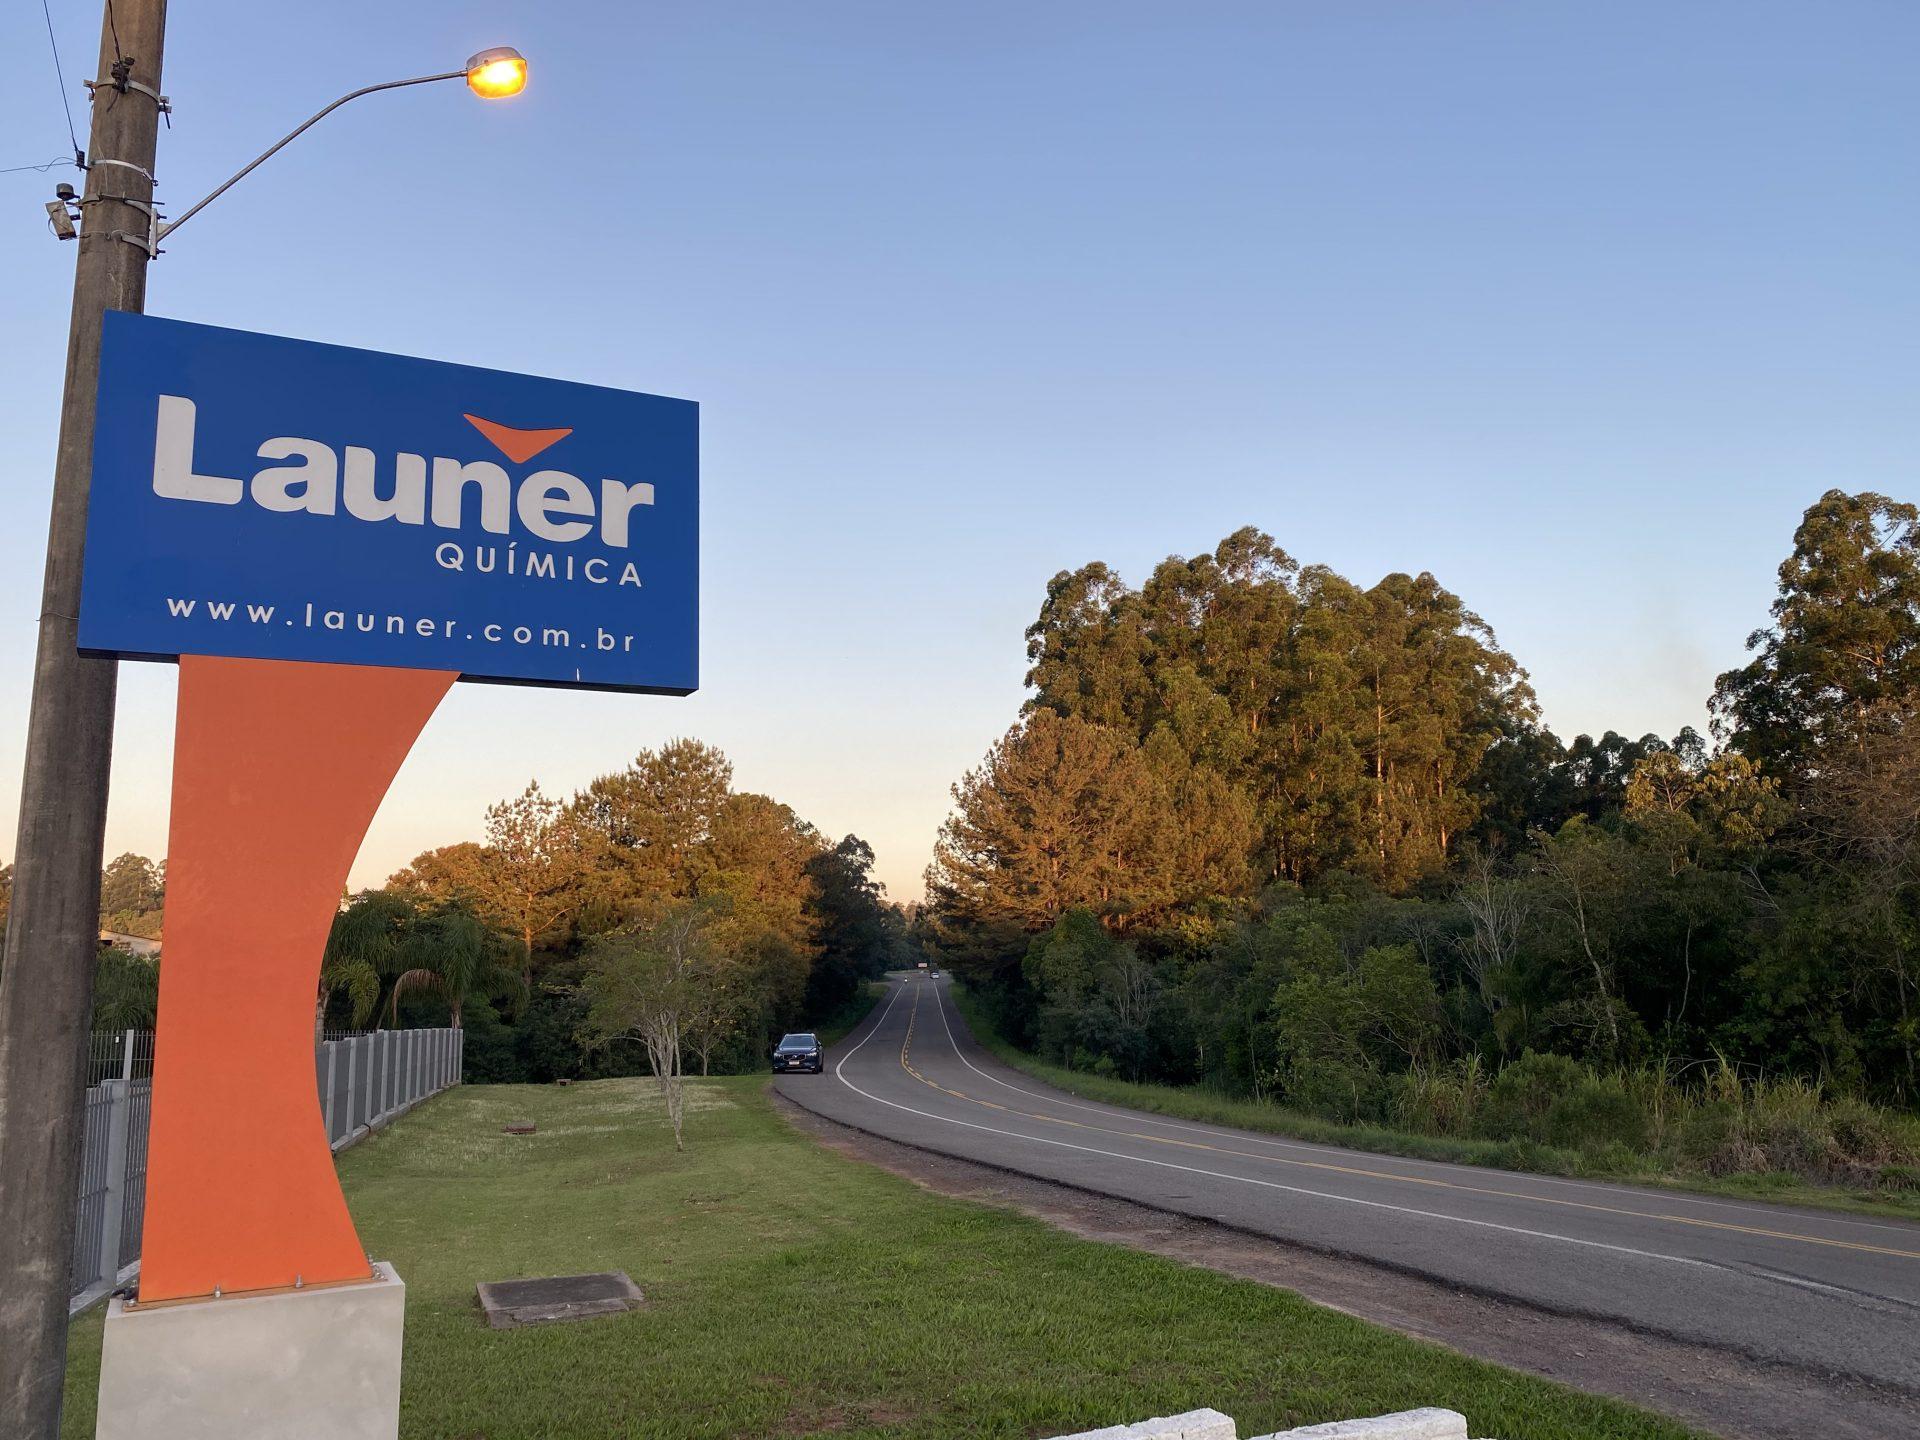 Launer Química investe no 386 Business Park e avalia novo negócio para o espaço